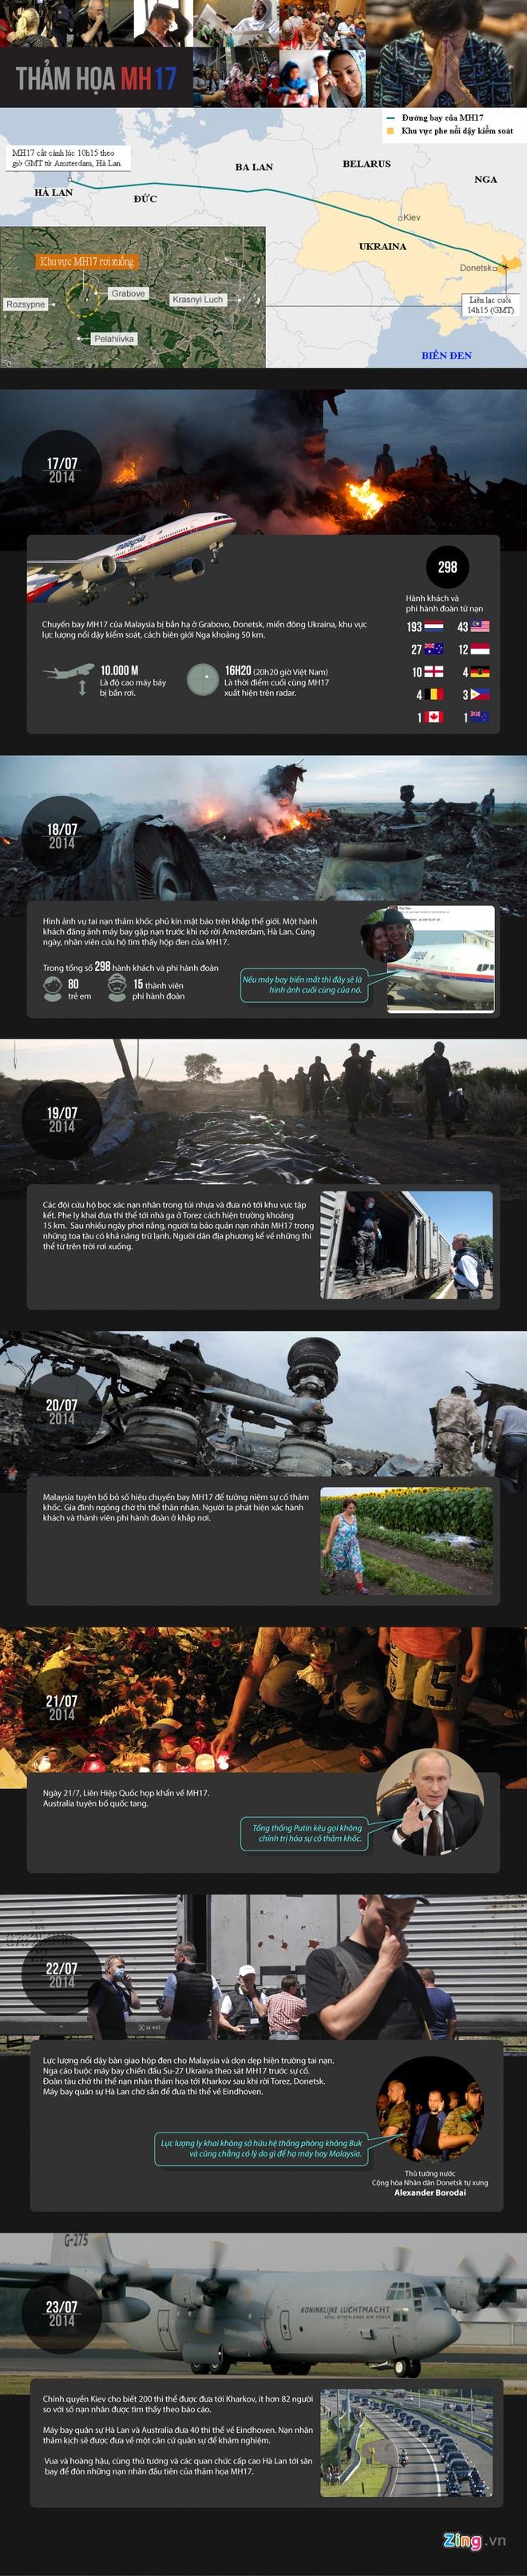 Toan canh tham hoa MH17 lam the gioi bang hoang hinh anh 1